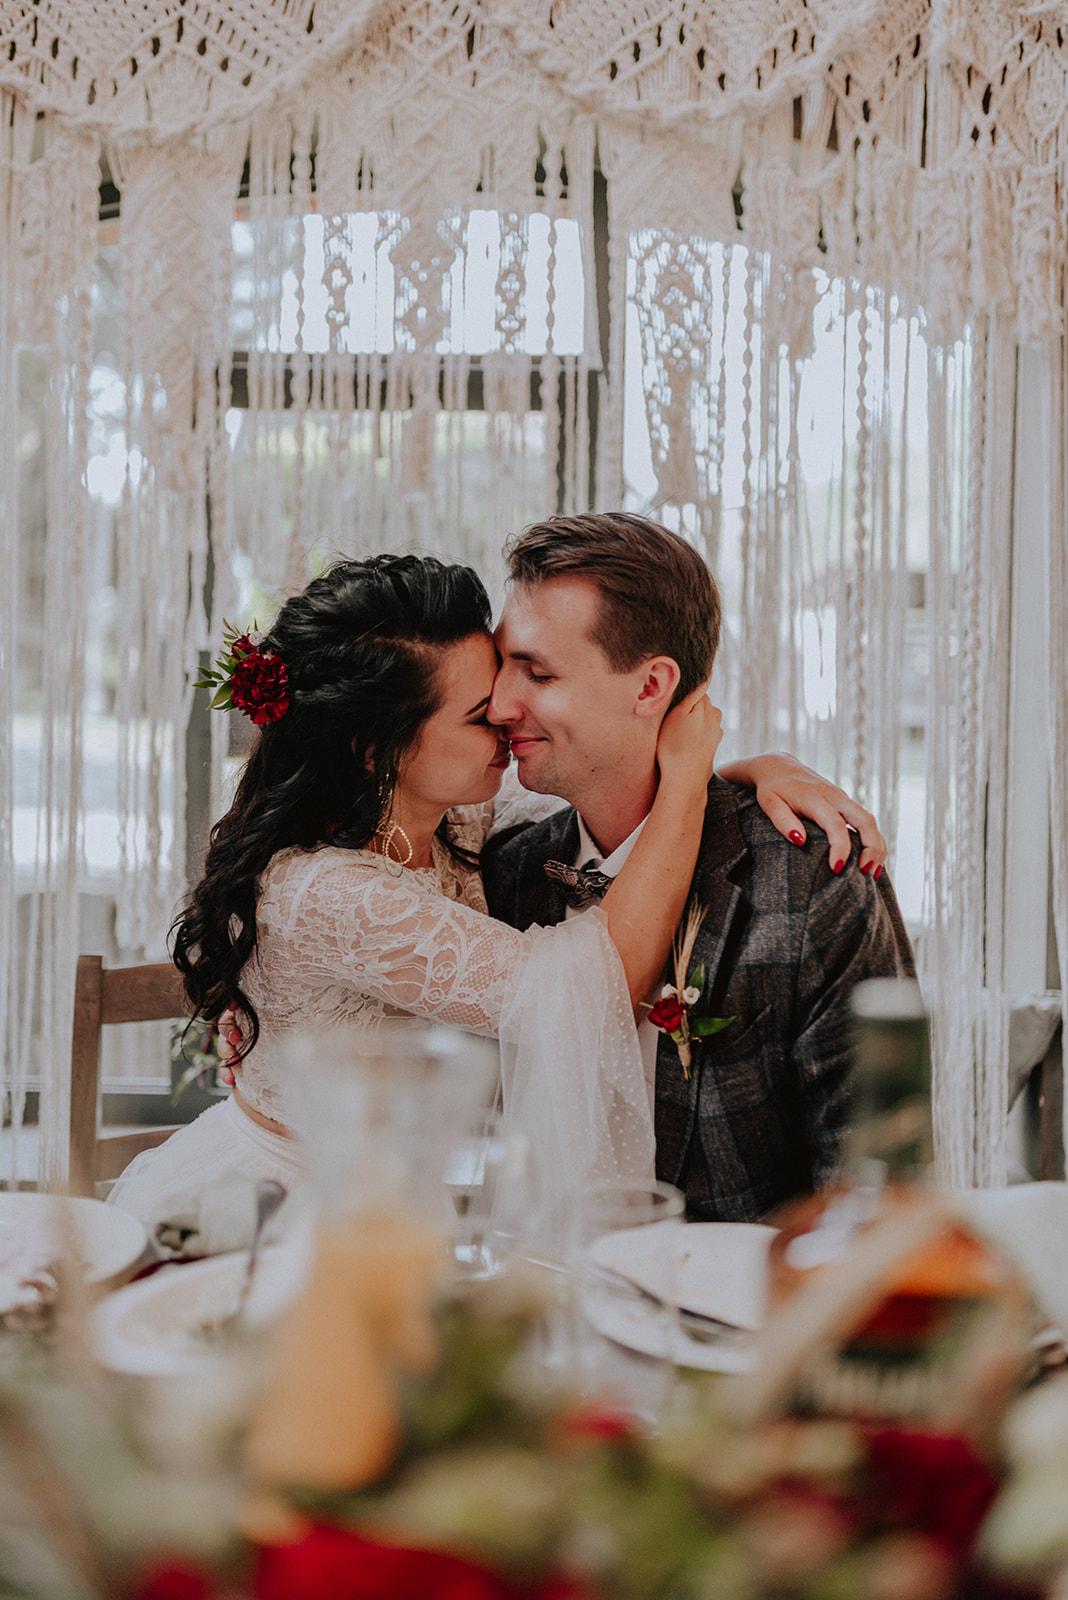 Baśniowy ślub w Tabunie | ceremonia w plenerze A+M 90 alebosco ania mateusz tabun 611